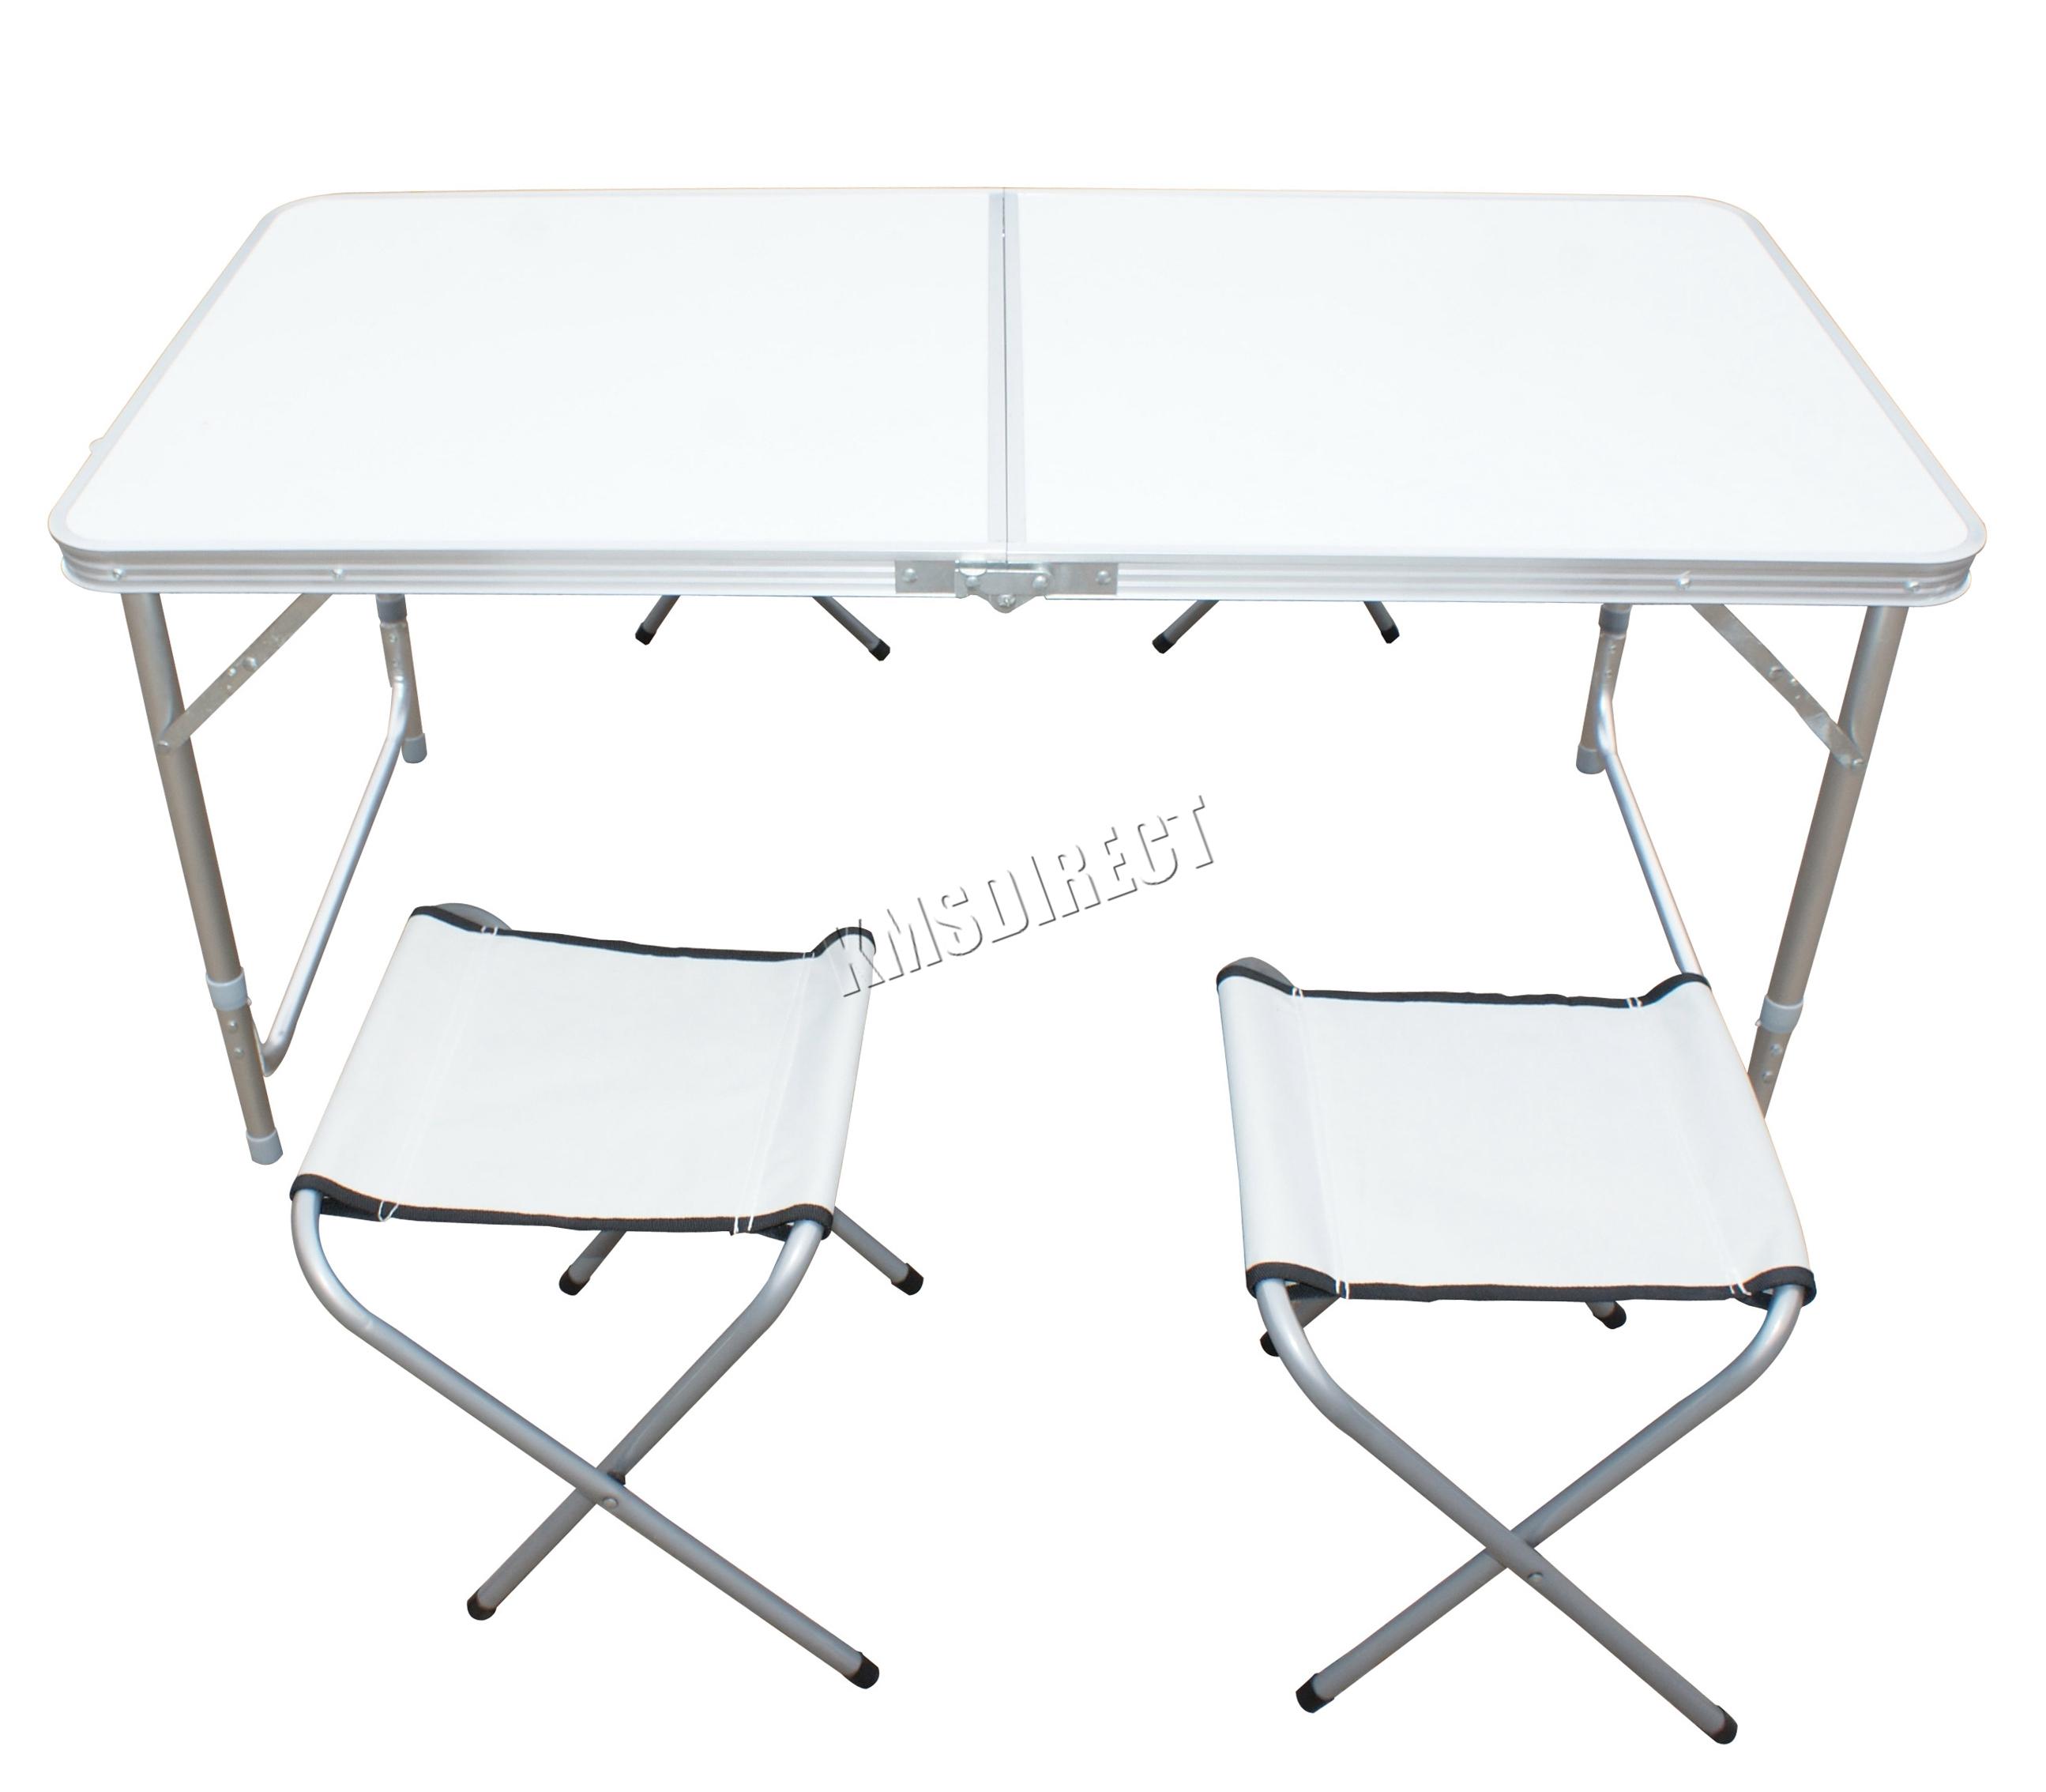 Foxhunter Garden Camping Table Foldable Portable Picnic